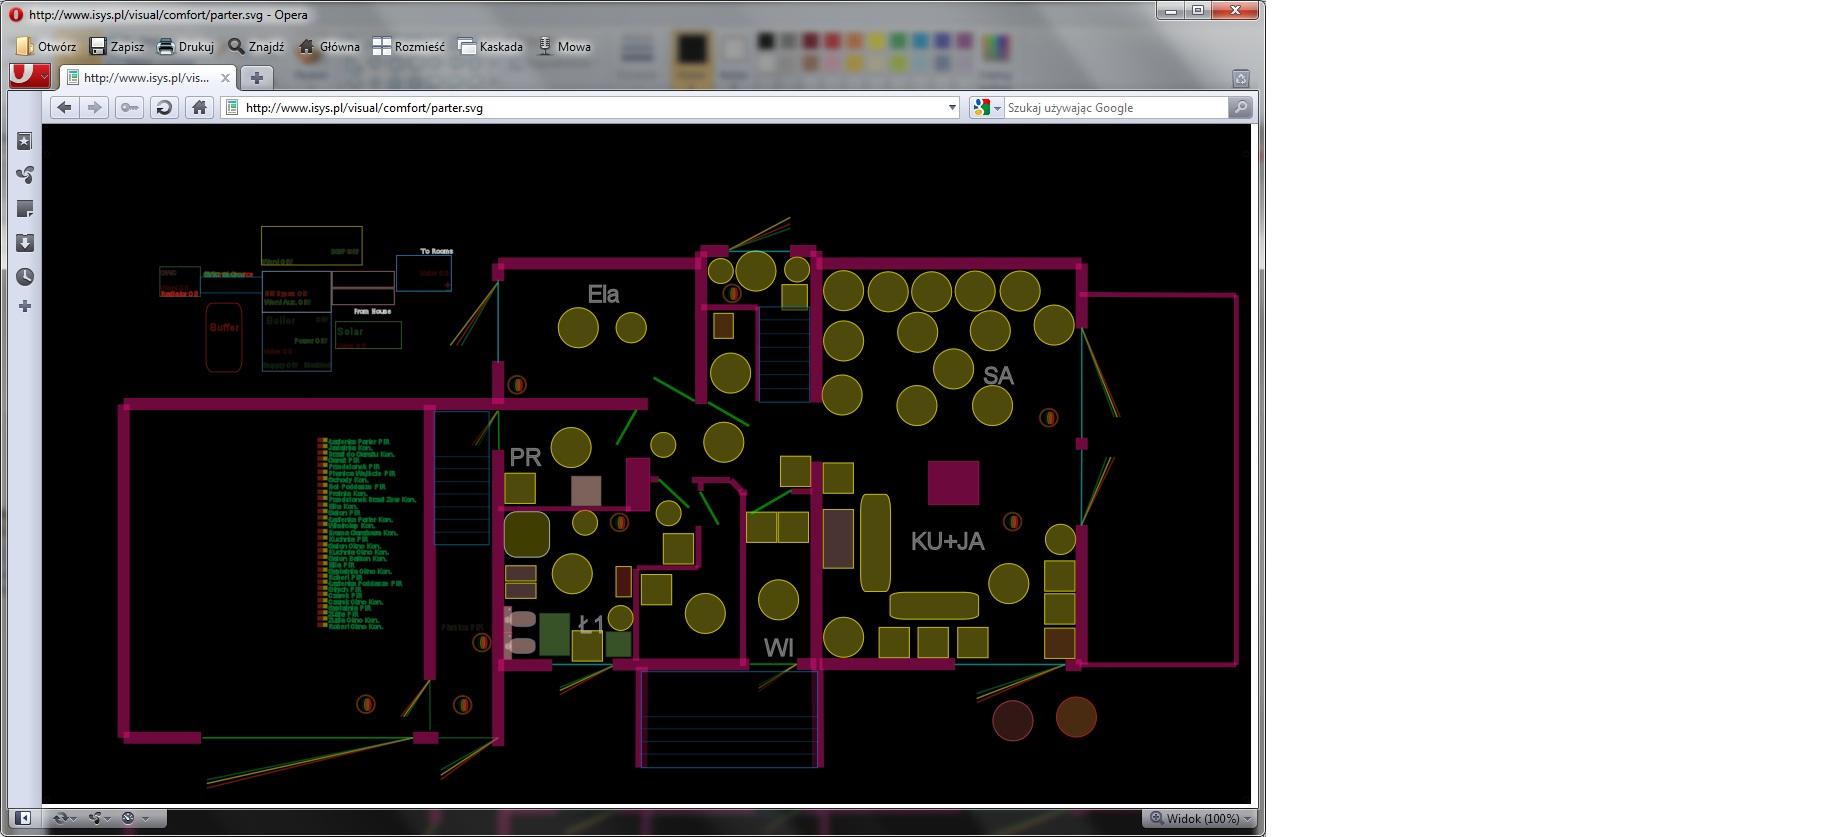 eHouse acasă de automatizare . Controlul a clădirii prin intermediul unui browser Web (SVG) versiunea de confort pentru acelaşi proiect